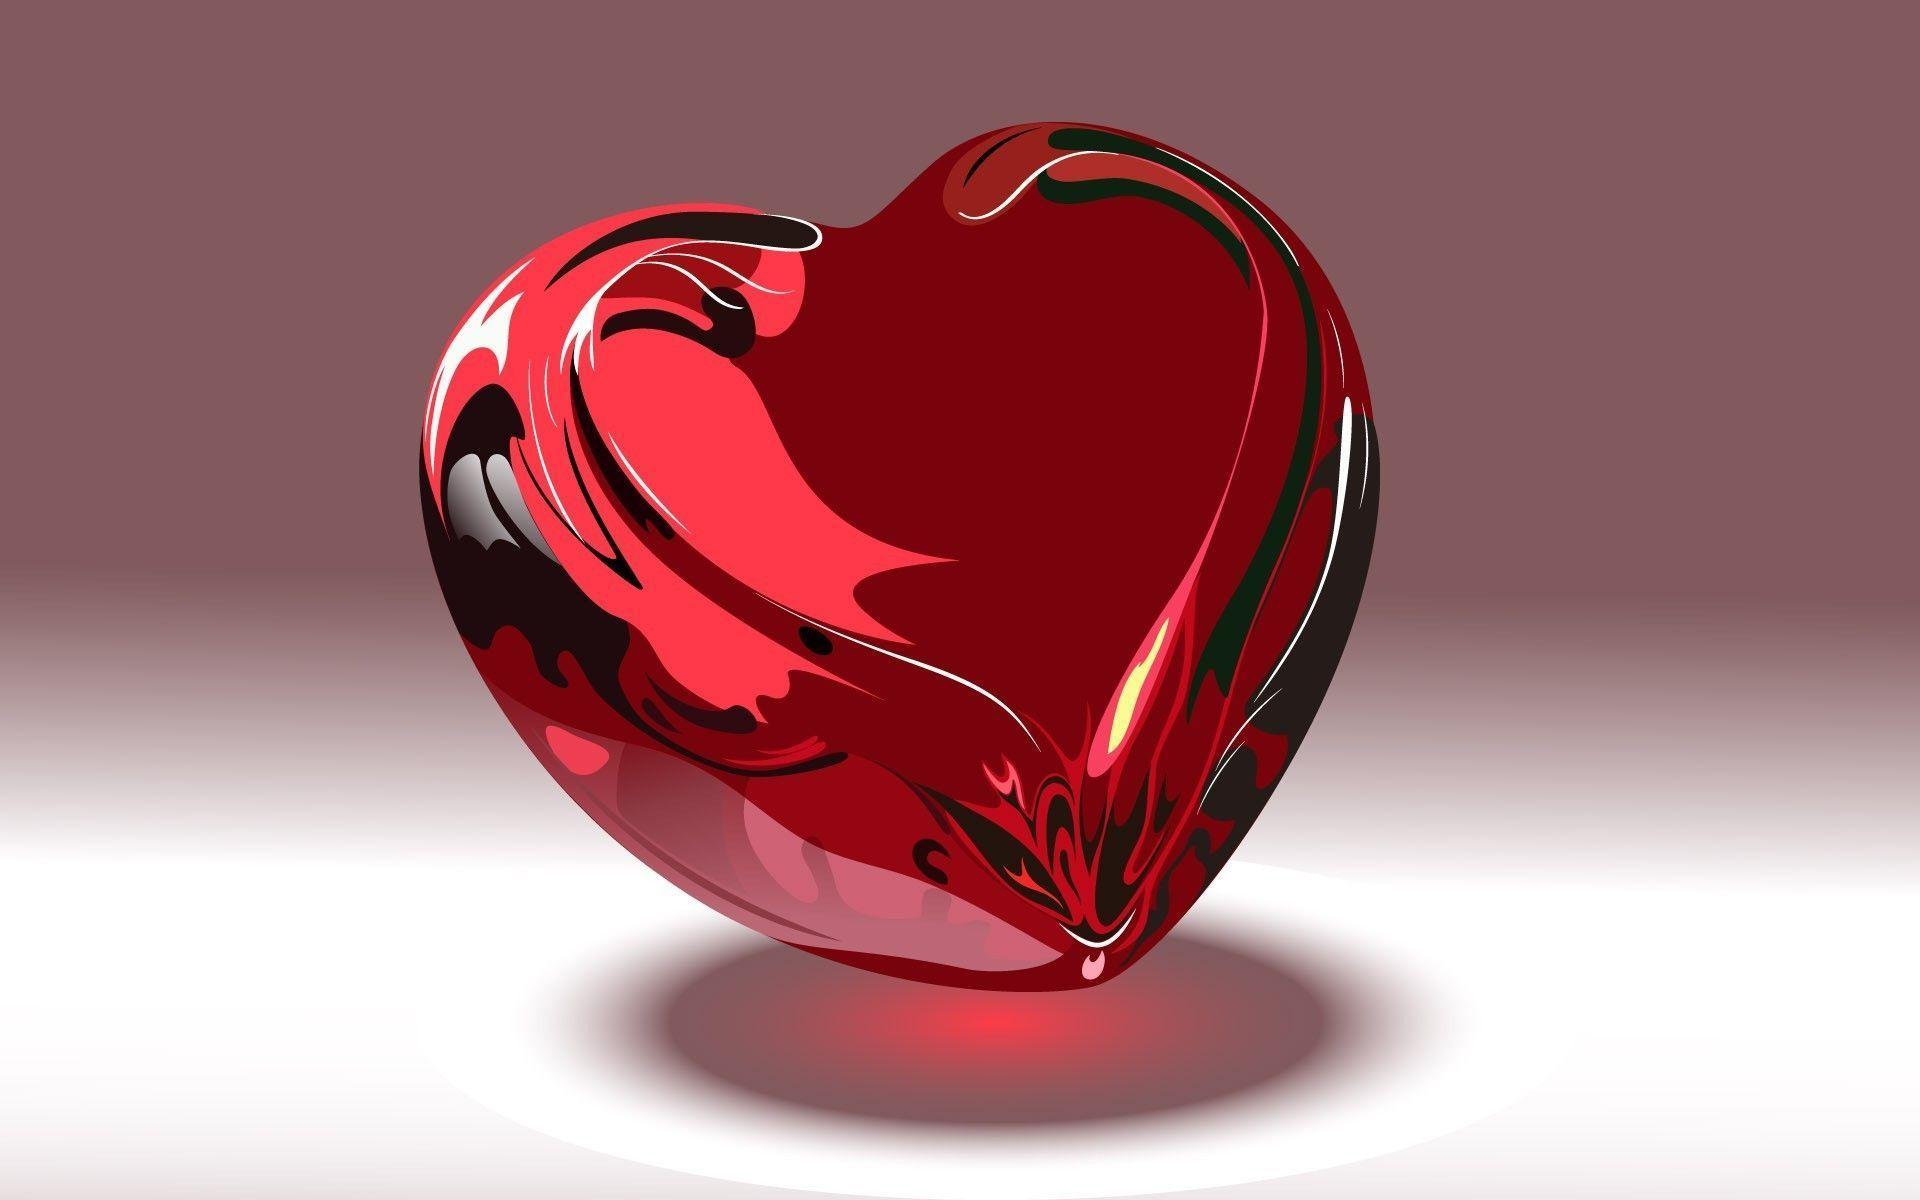 hình nền trái tim 3d